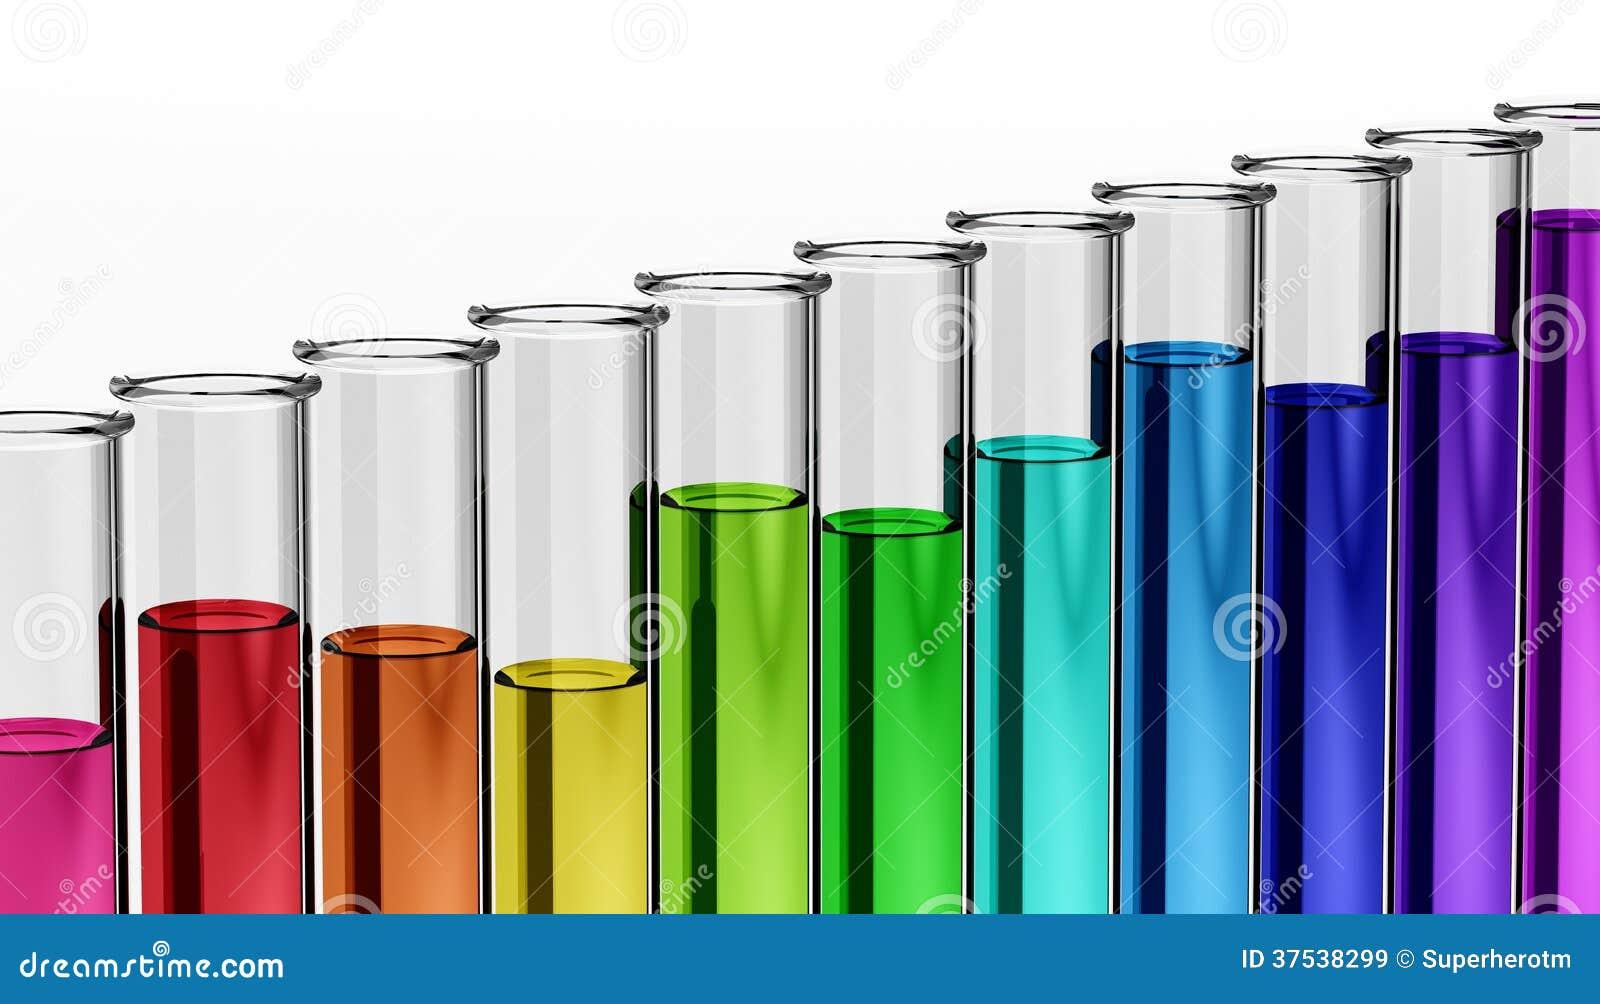 3d - kemi - forskning - provrör - kemikalie